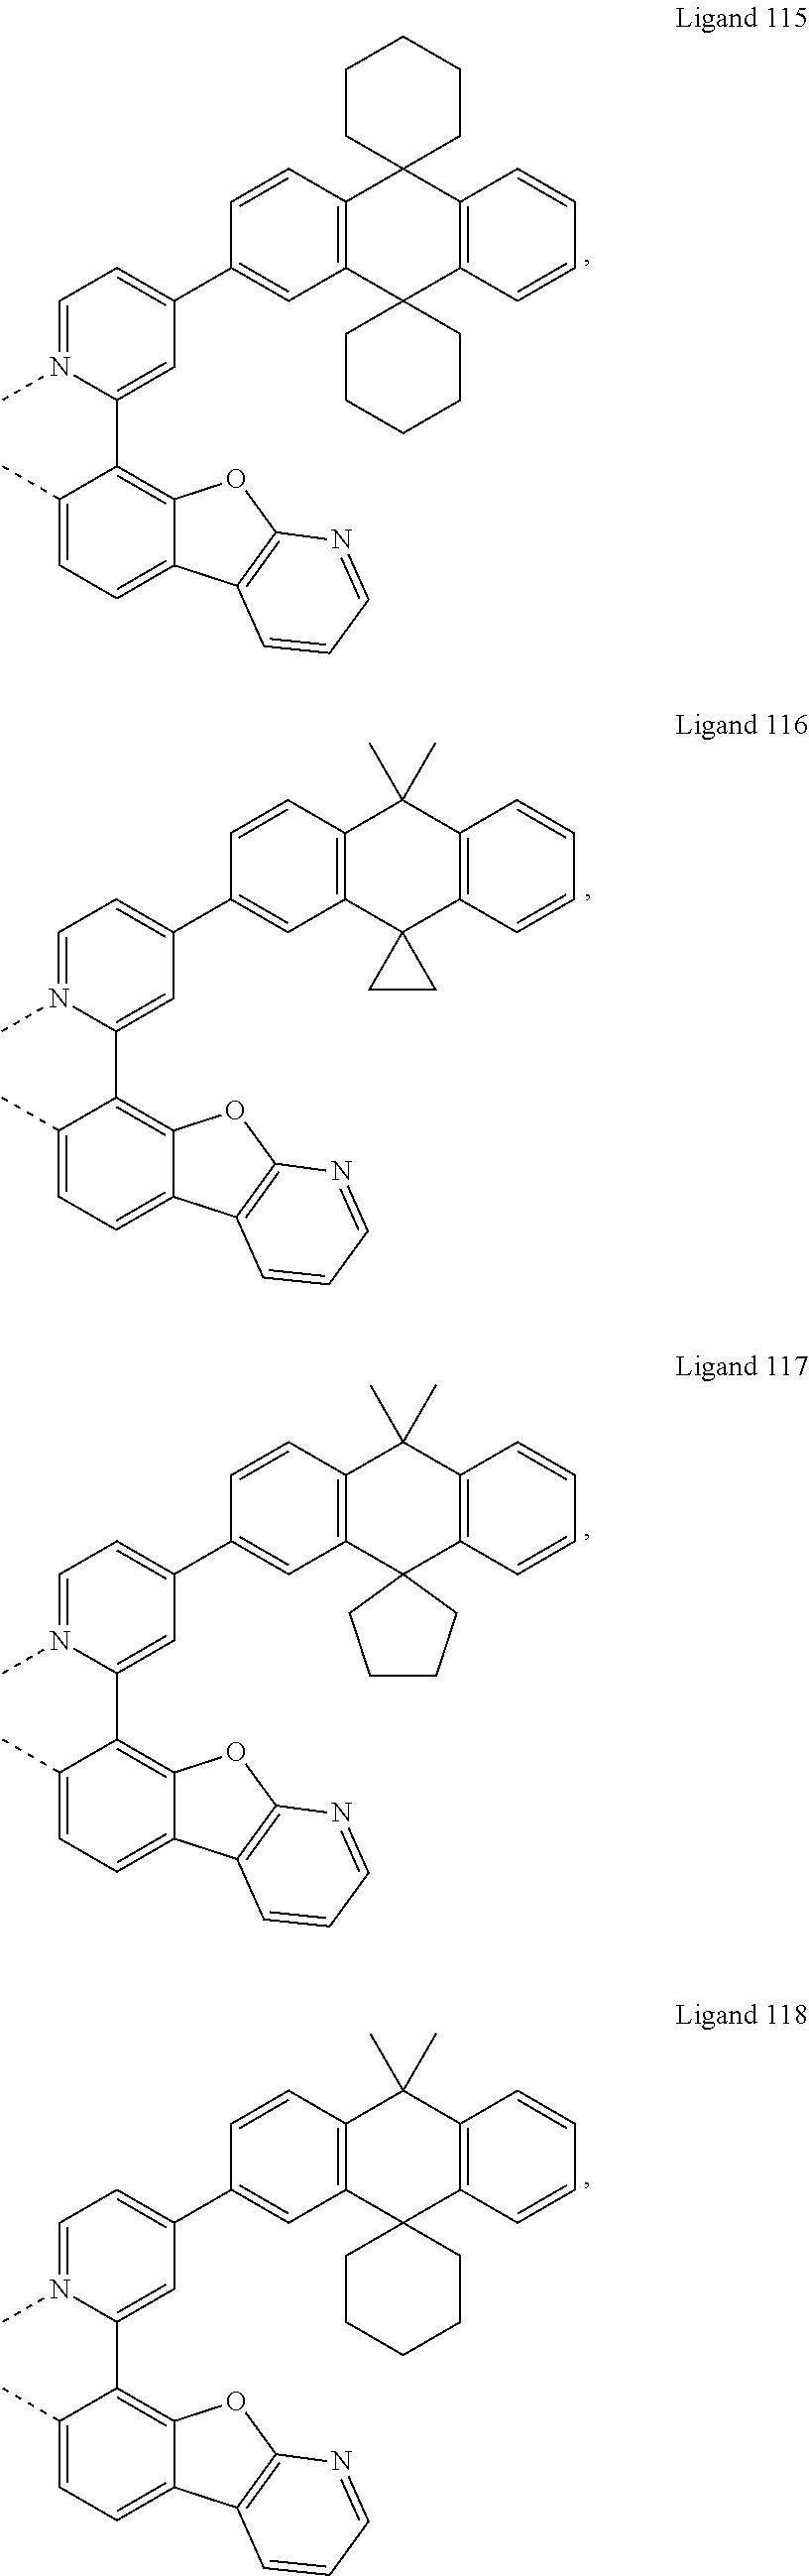 Figure US20180130962A1-20180510-C00061